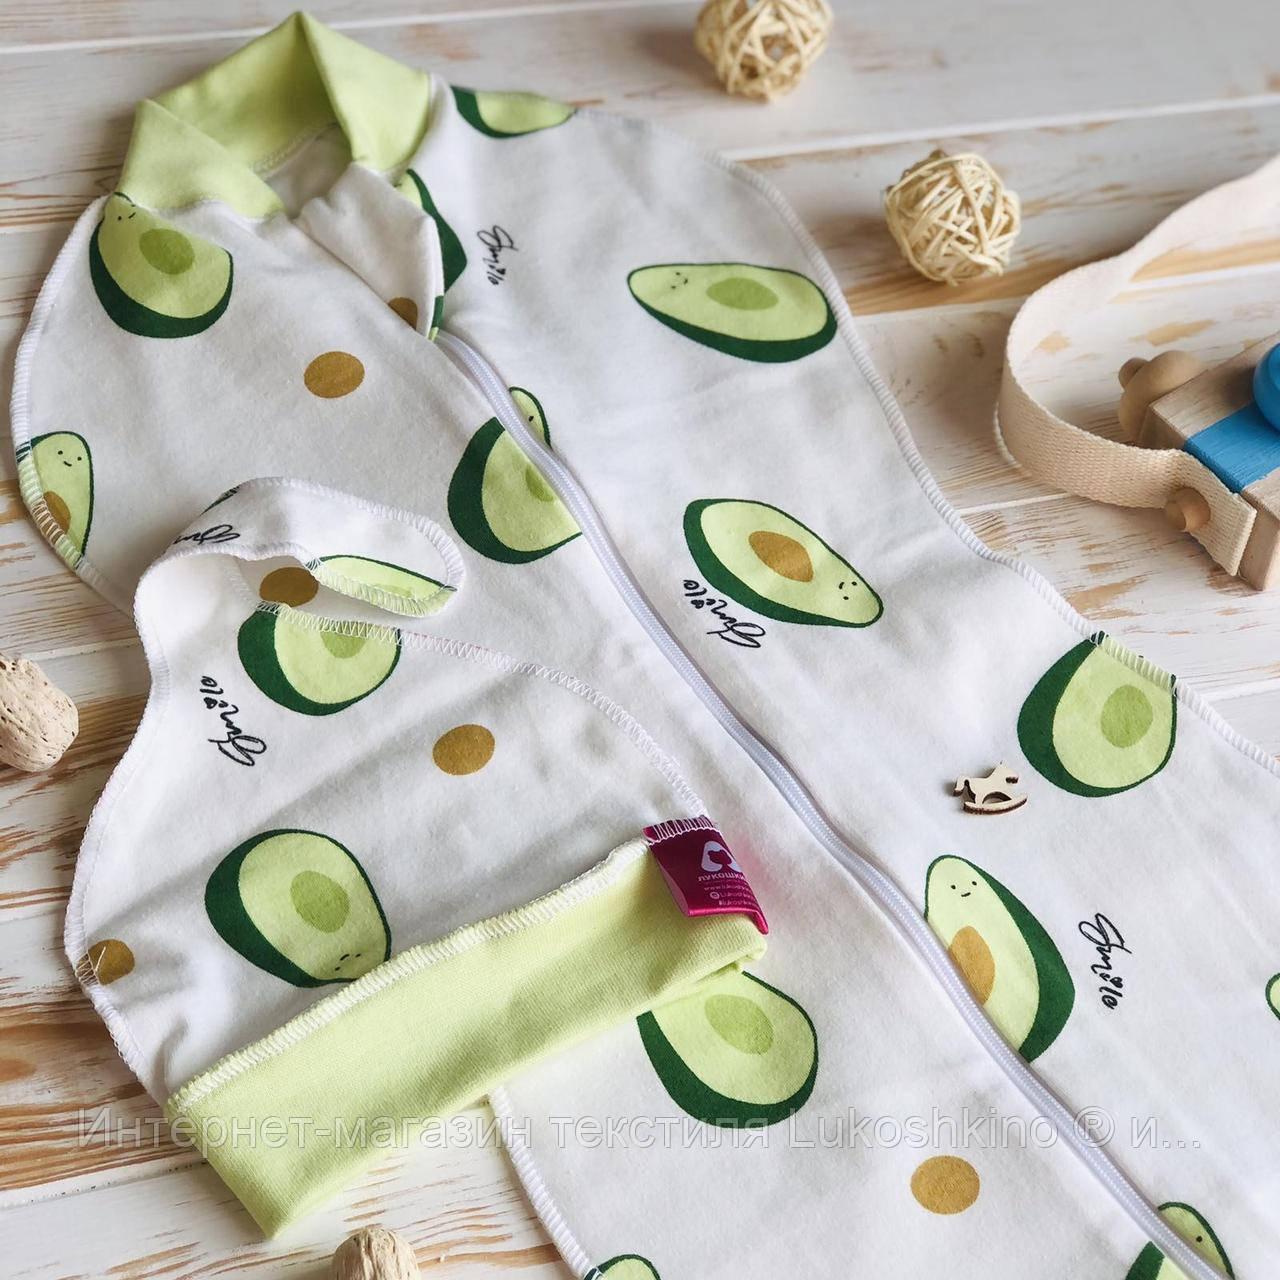 Трикотажная евро пеленка кокон для новорожденных для немовлят на молнии в комплекте с шапочкой (8061LUK)